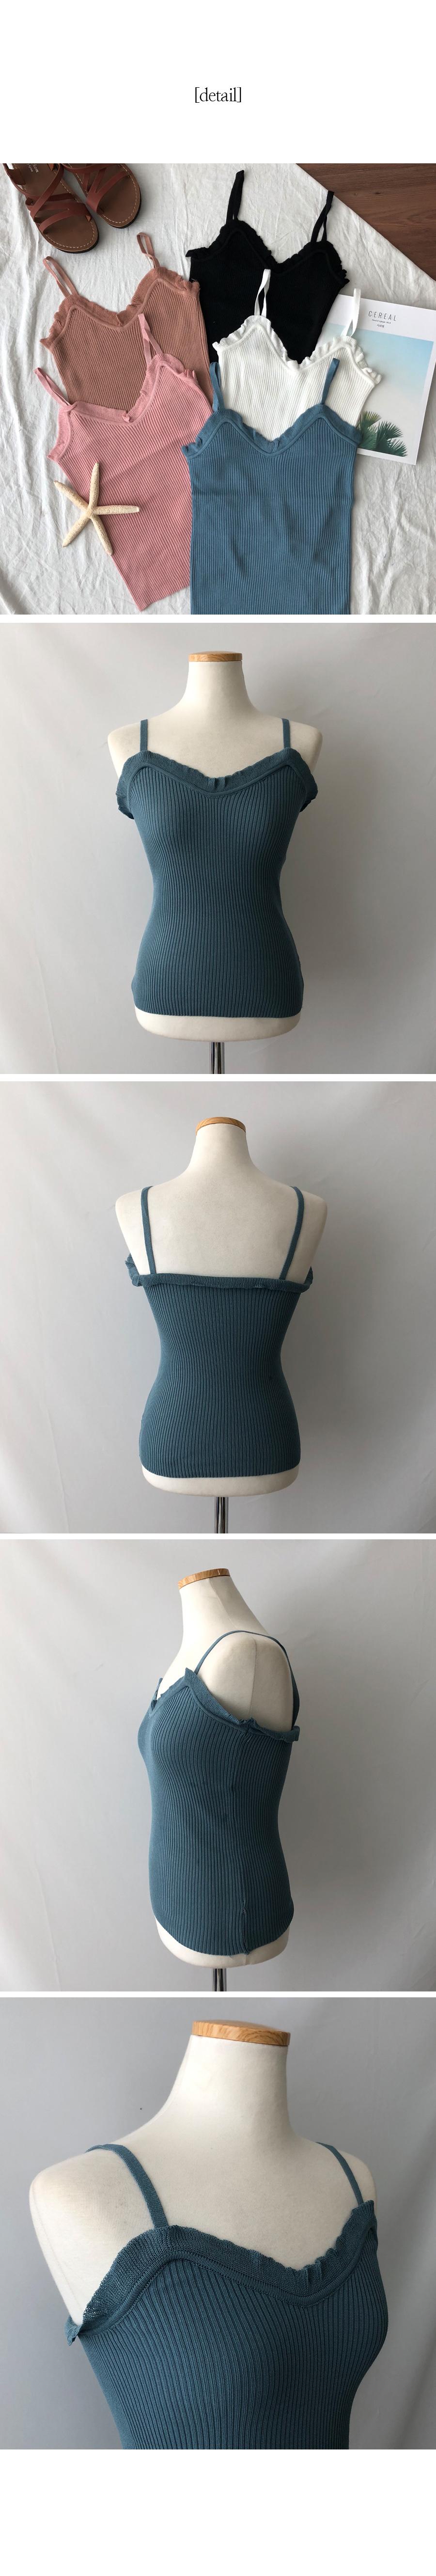 Velor ruffled knit straps